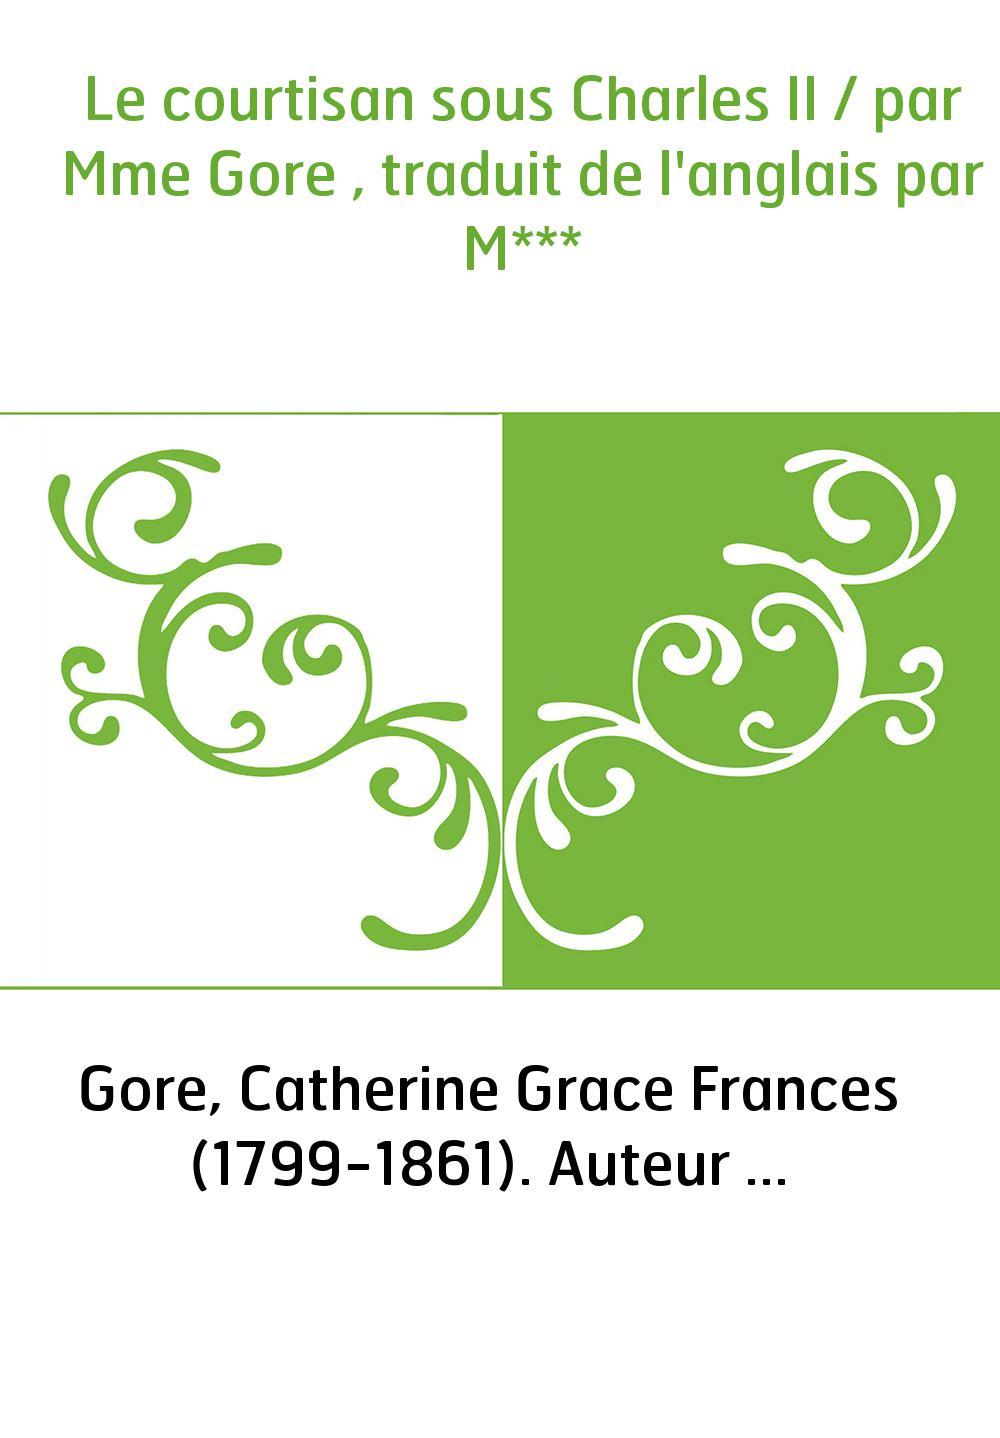 Le courtisan sous Charles II / par Mme Gore , traduit de l'anglais par M***